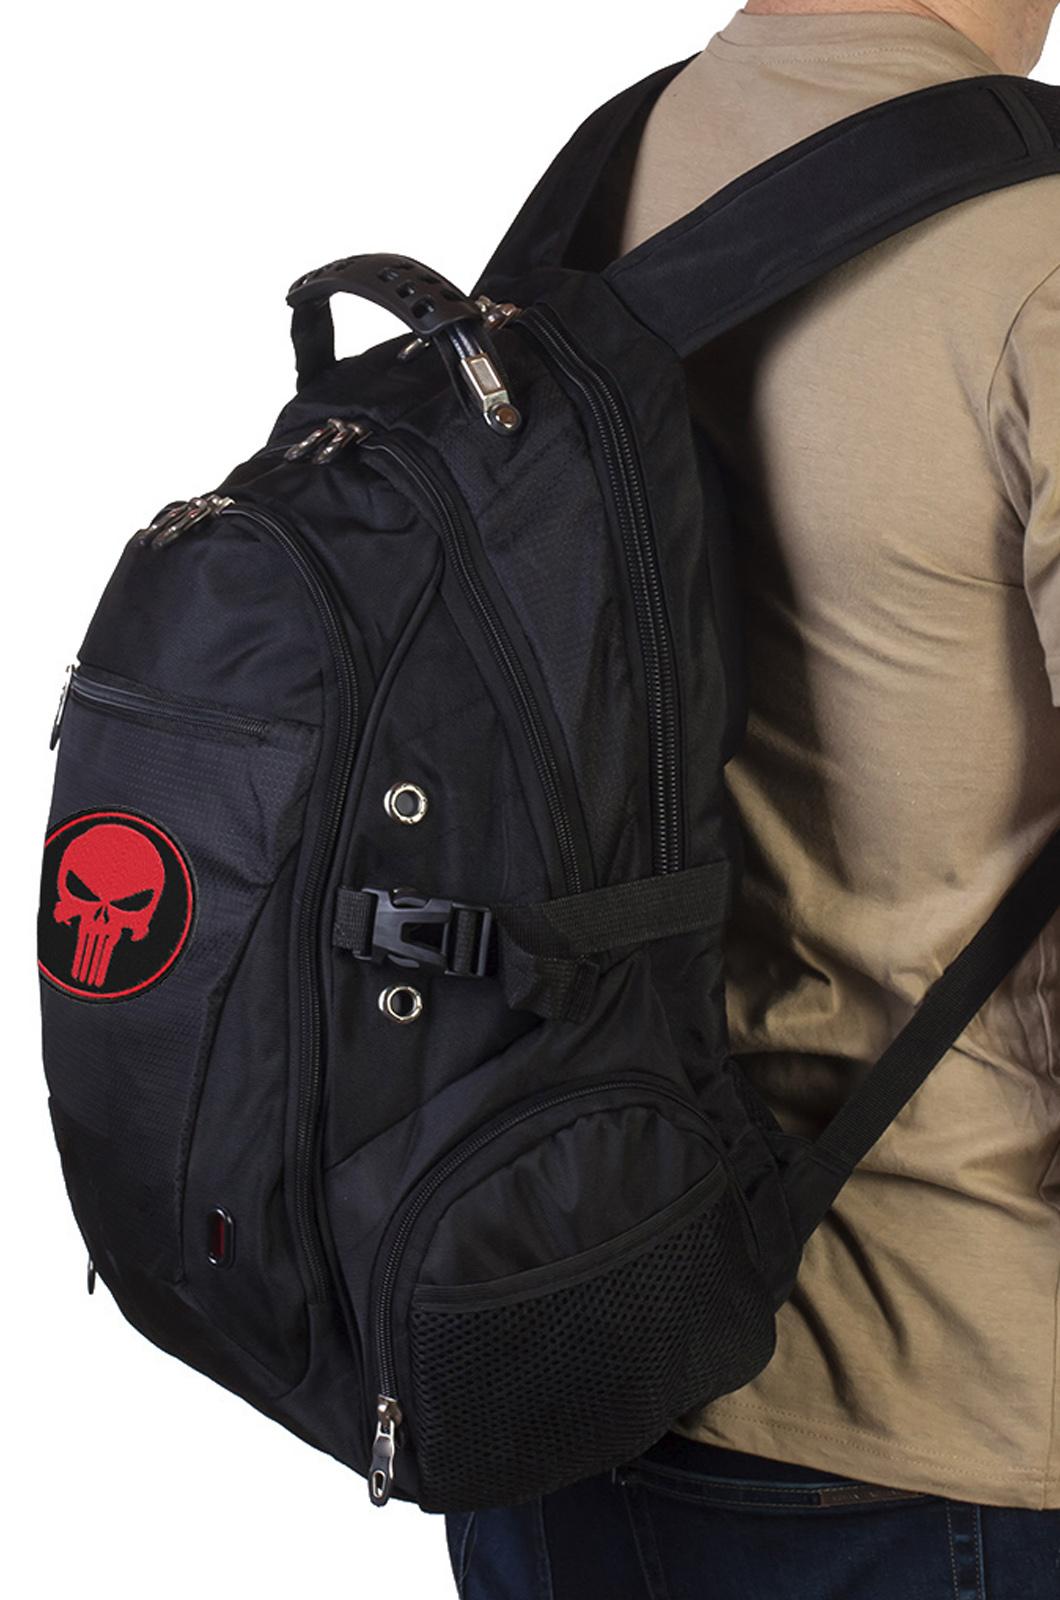 Топовый городской рюкзак с нашивкой КАРАТЕЛЬ купить оптом